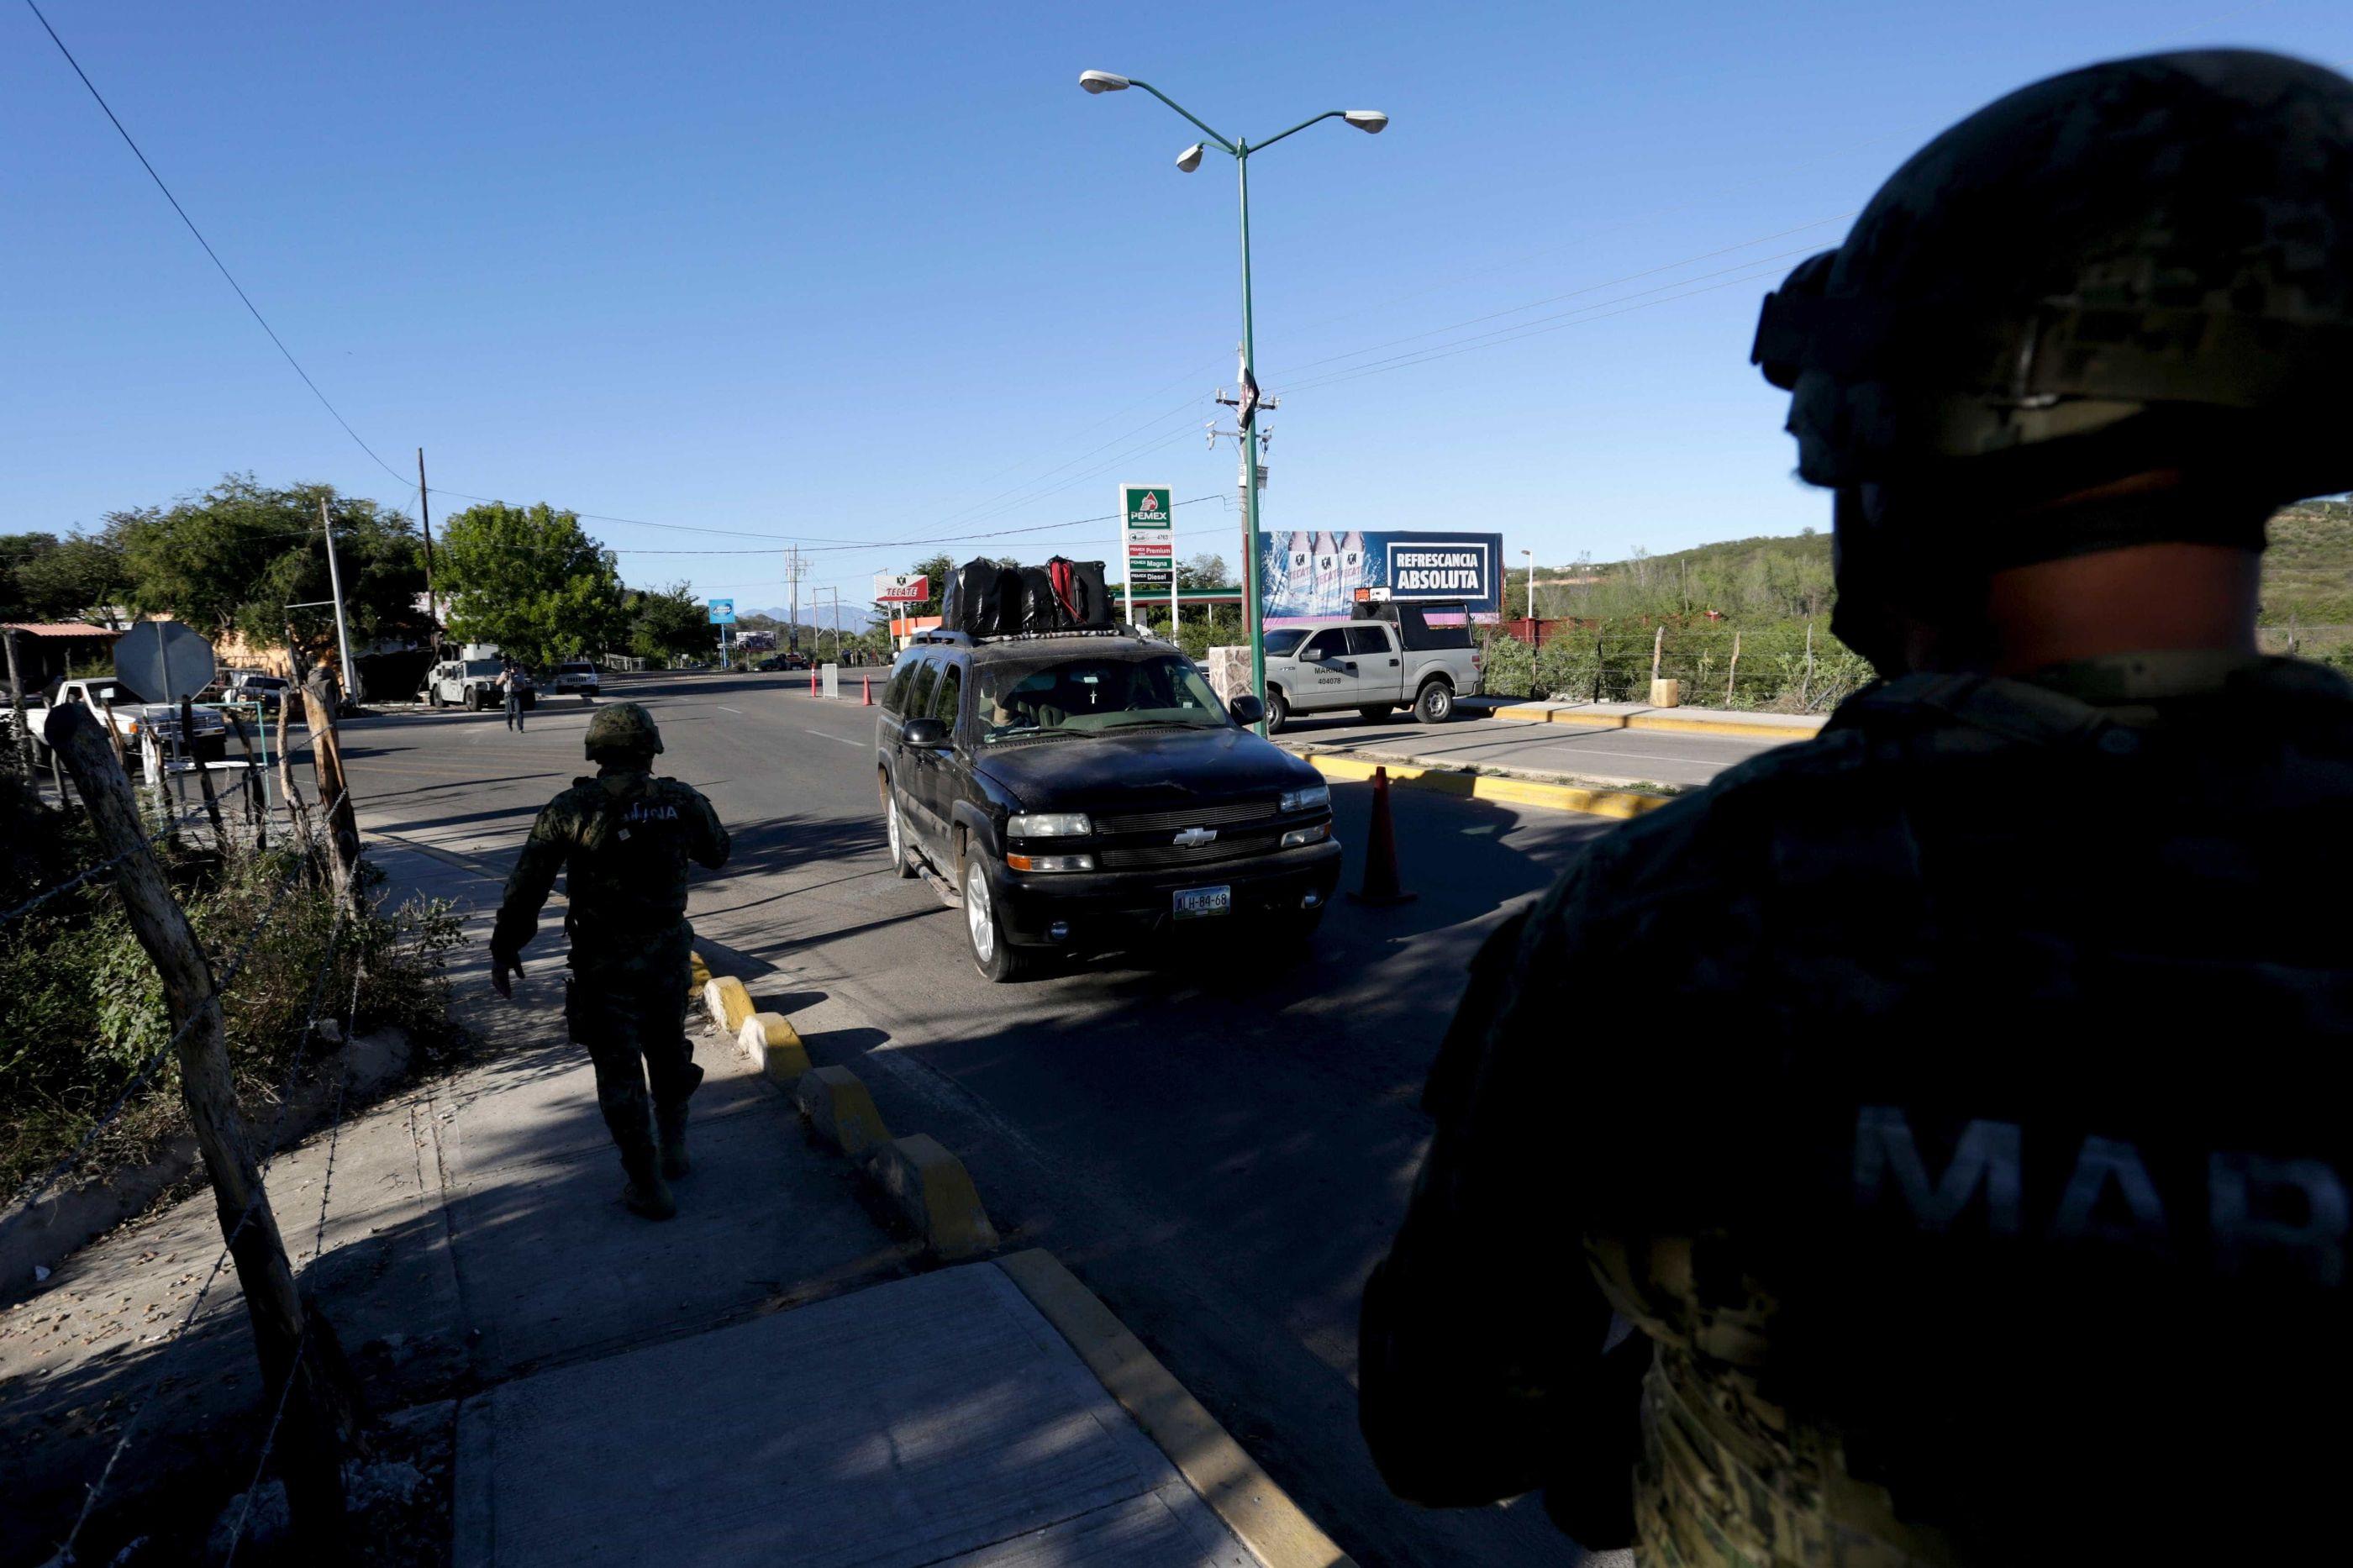 Dois mortos em confronto entre traficantes de migrantes no México